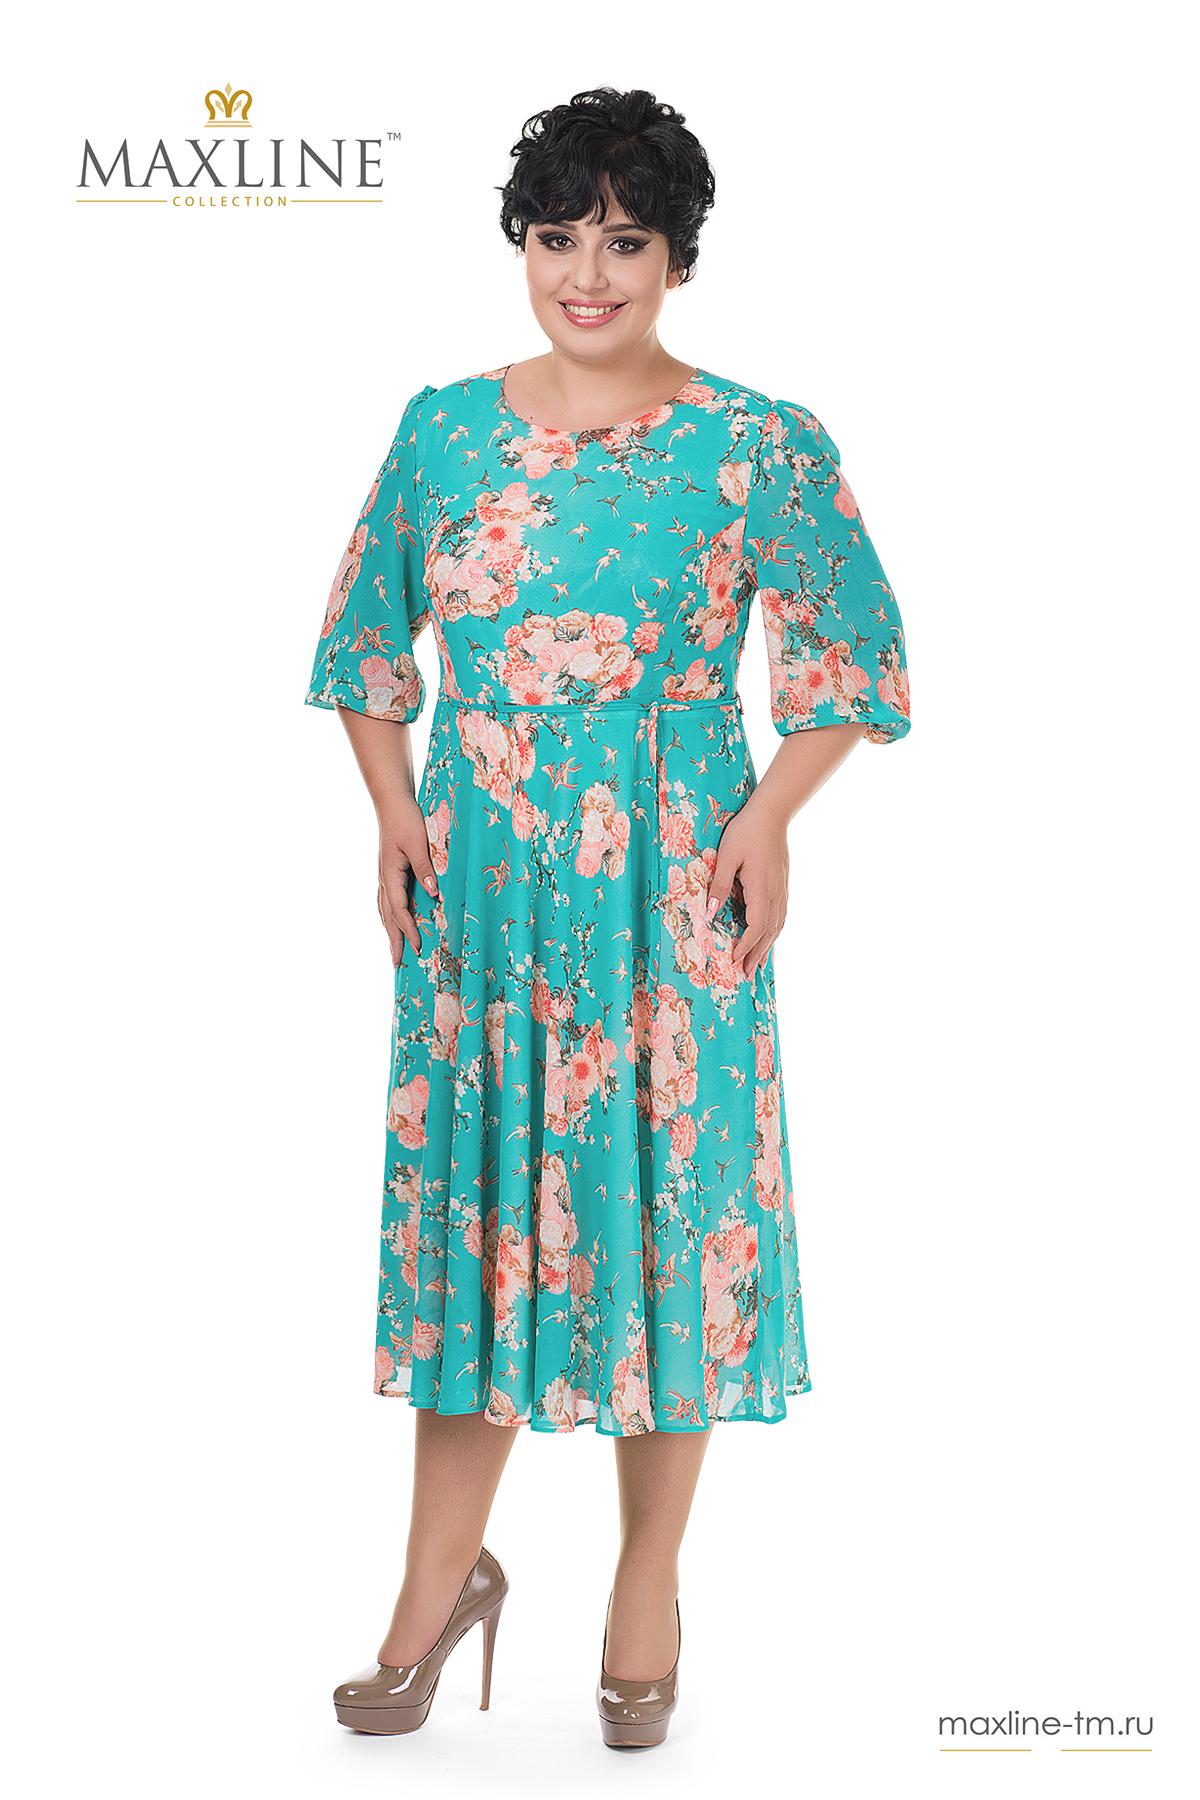 Сбор заказов. Распродажа платьев из Киргизии: экономим на цене, а не на качестве.Размеры от 42 до 64.Не упусти шанс быть красивой в любом размере!